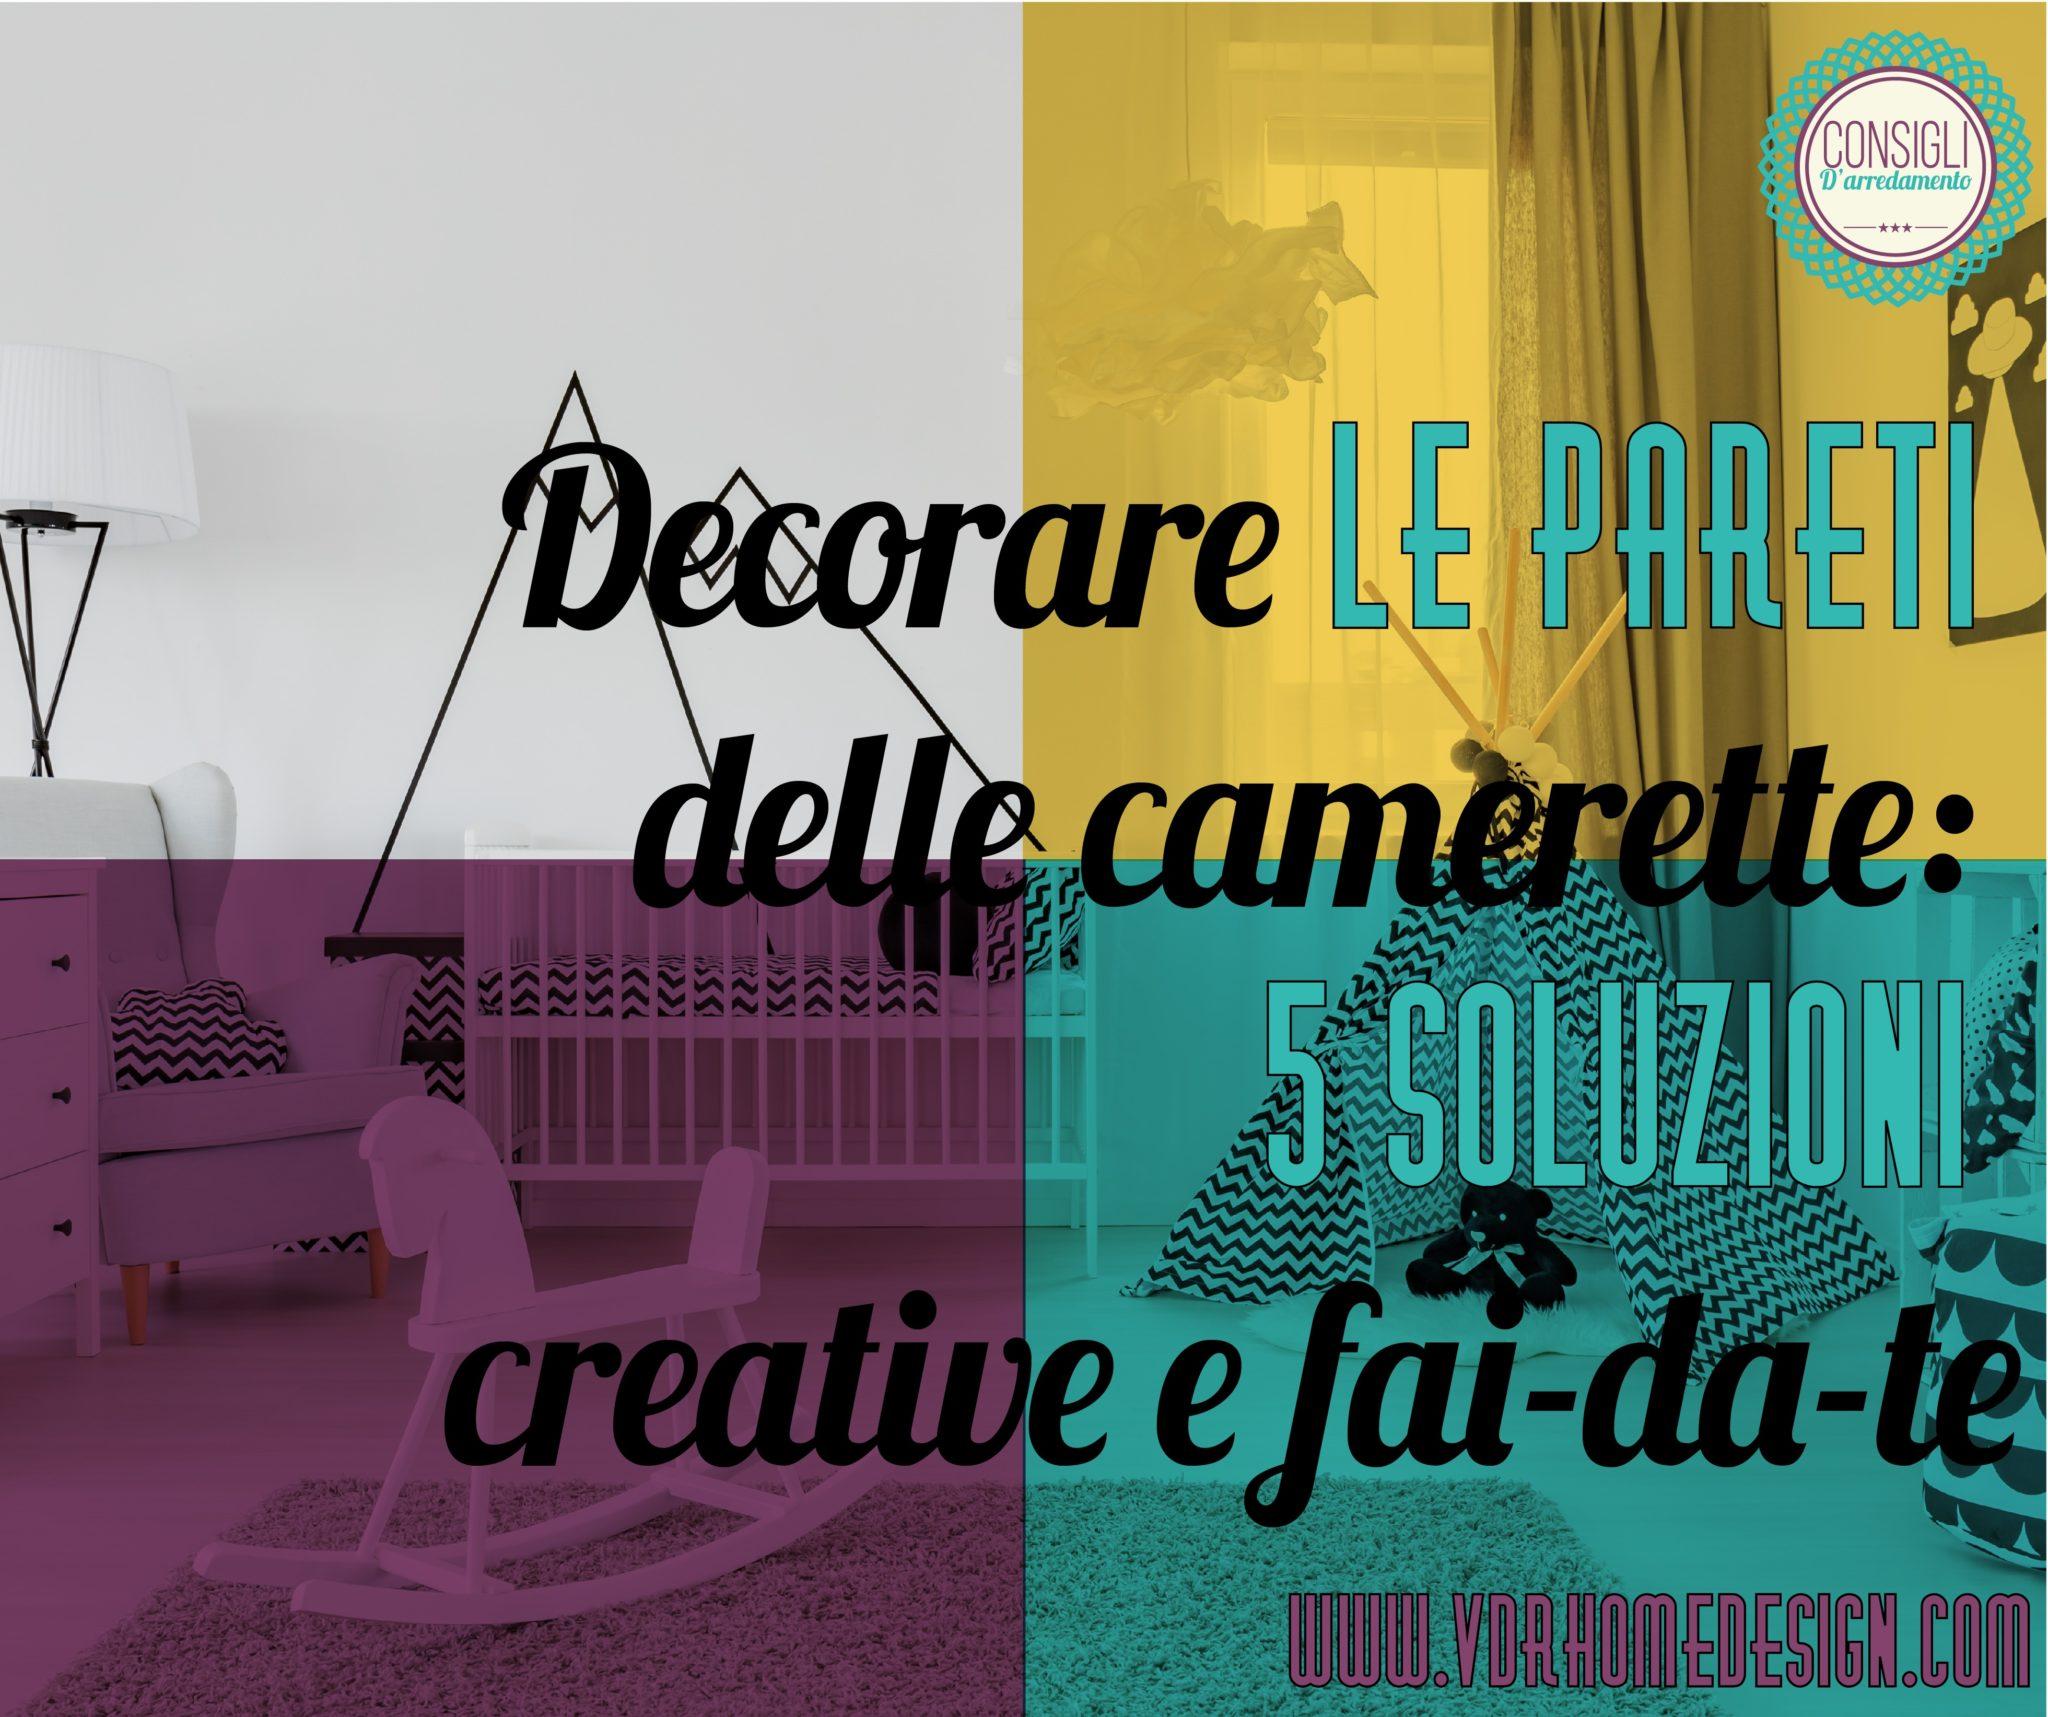 Muri Camerette Per Bambini decorare le pareti delle camerette: #5 soluzioni creative e